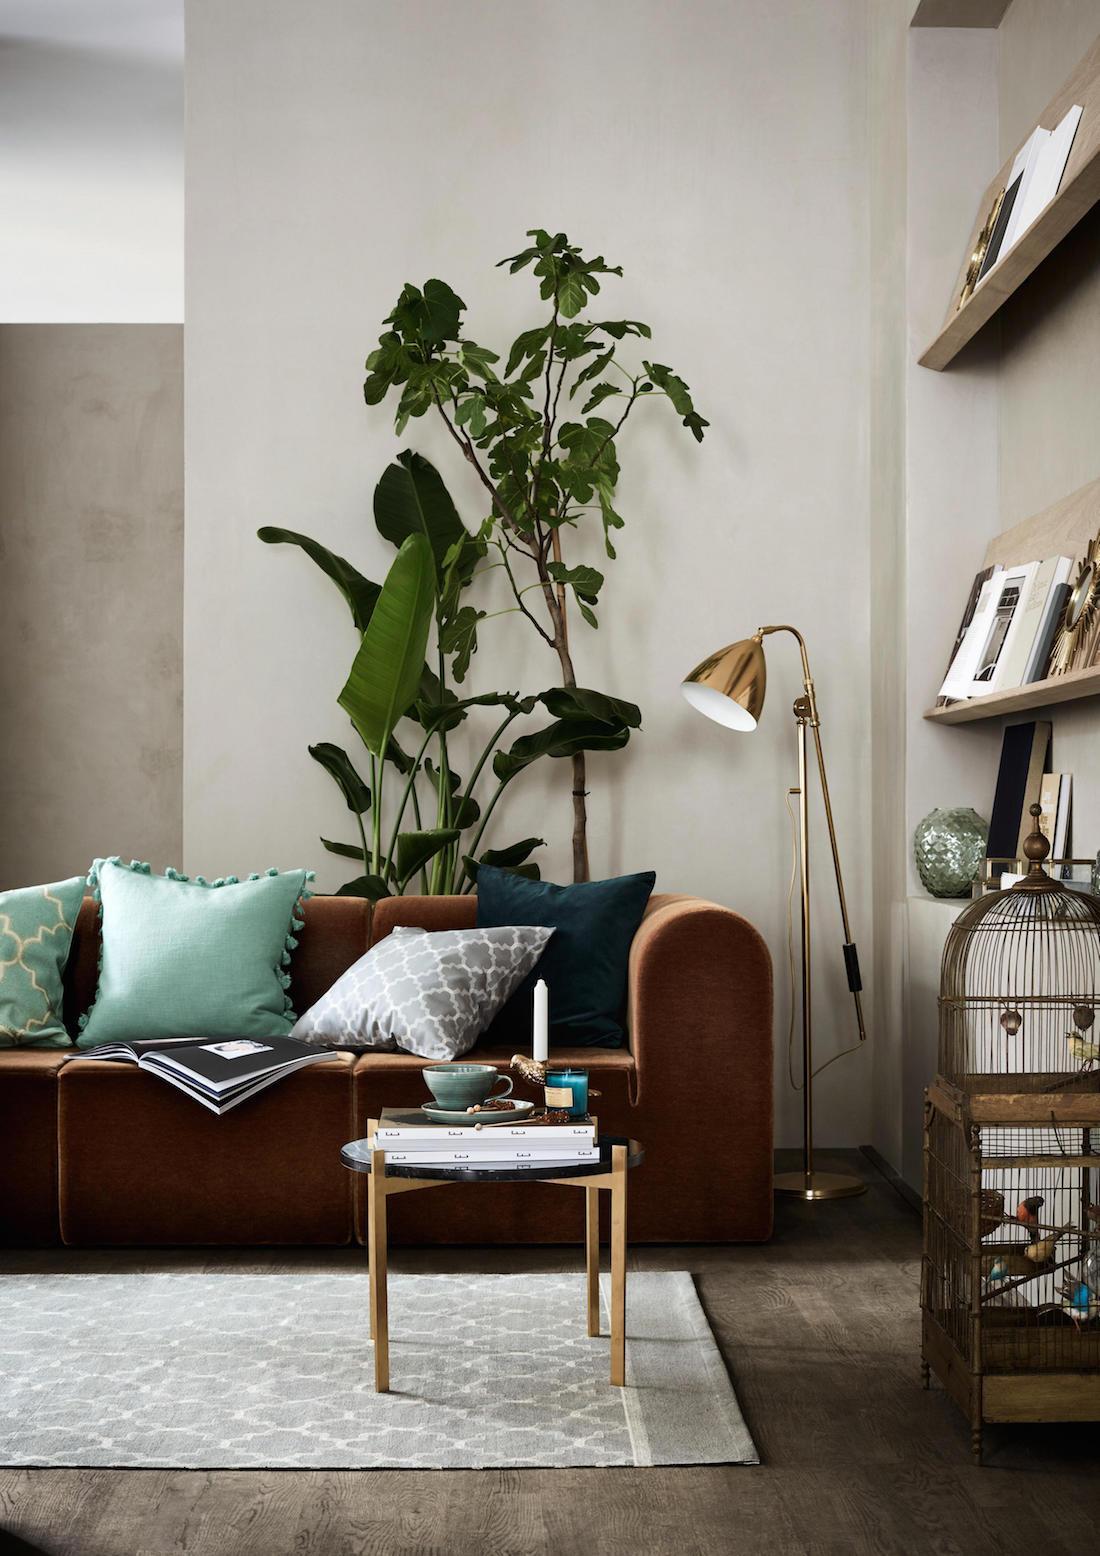 Sofakissen Bilder Ideen Couch